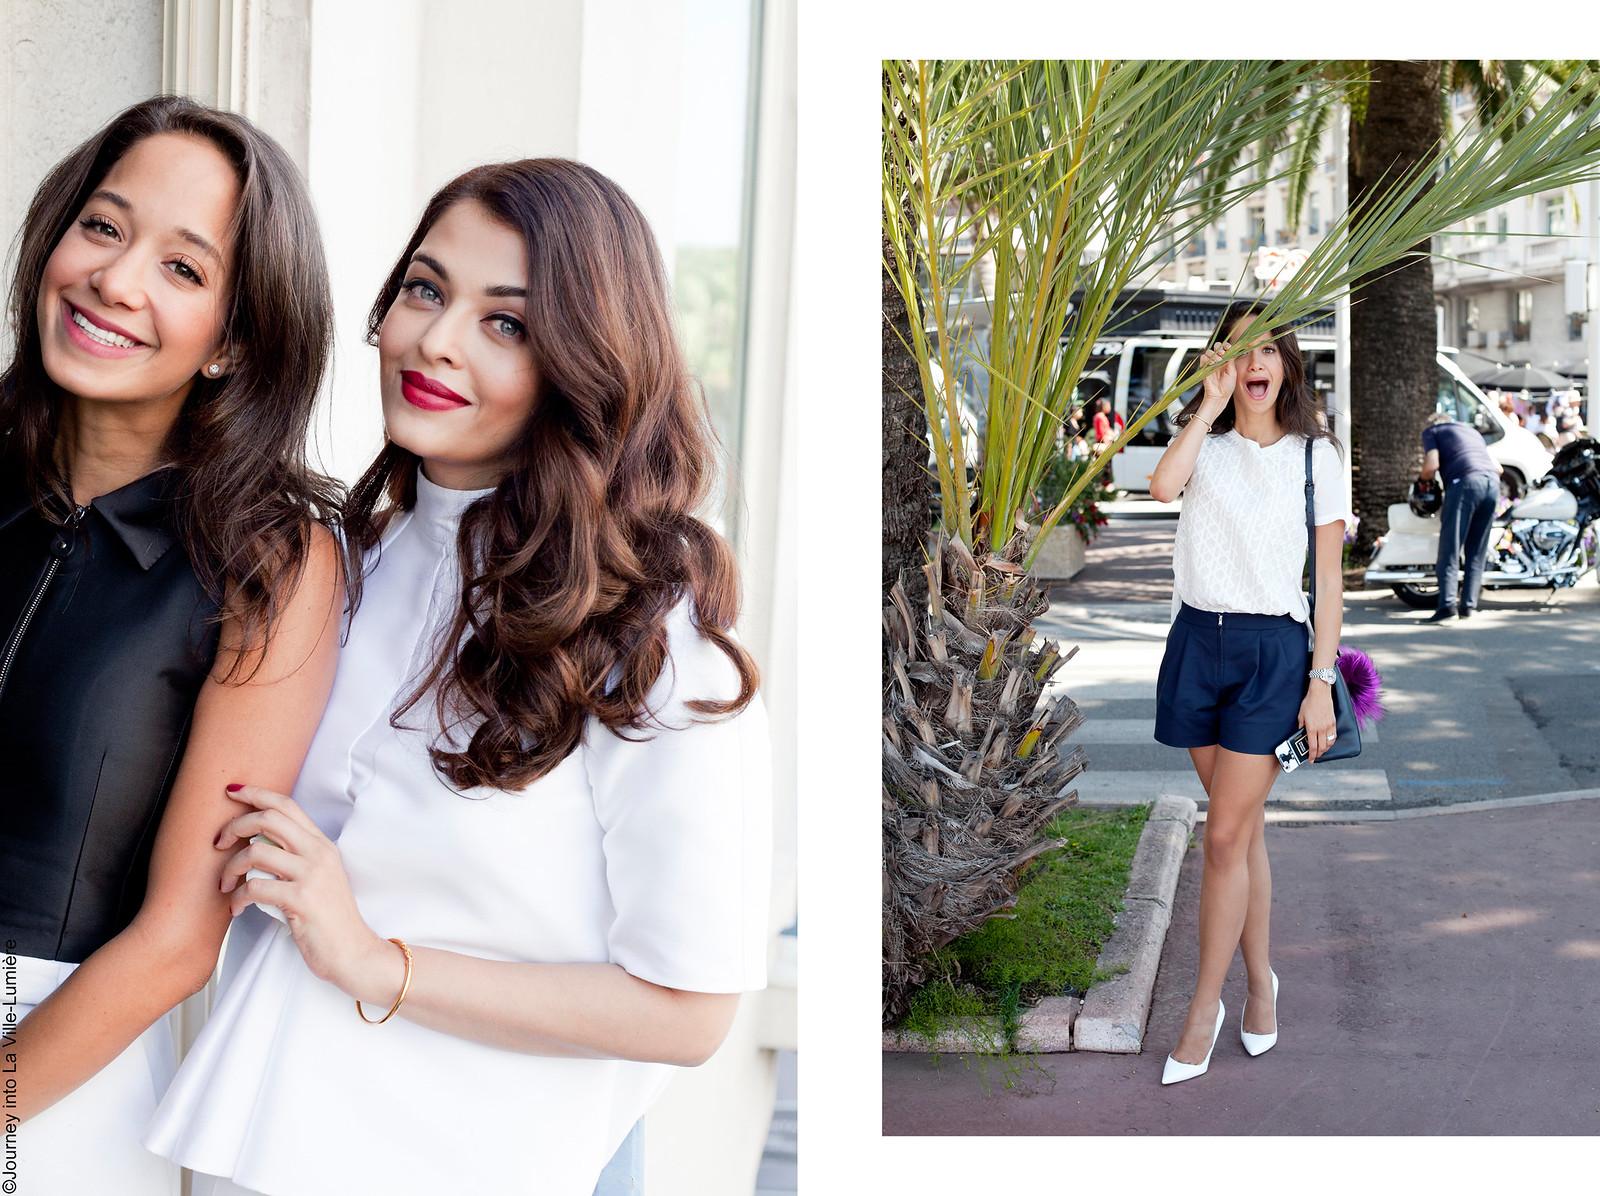 Lana El Sahely & Aishwarya Rai